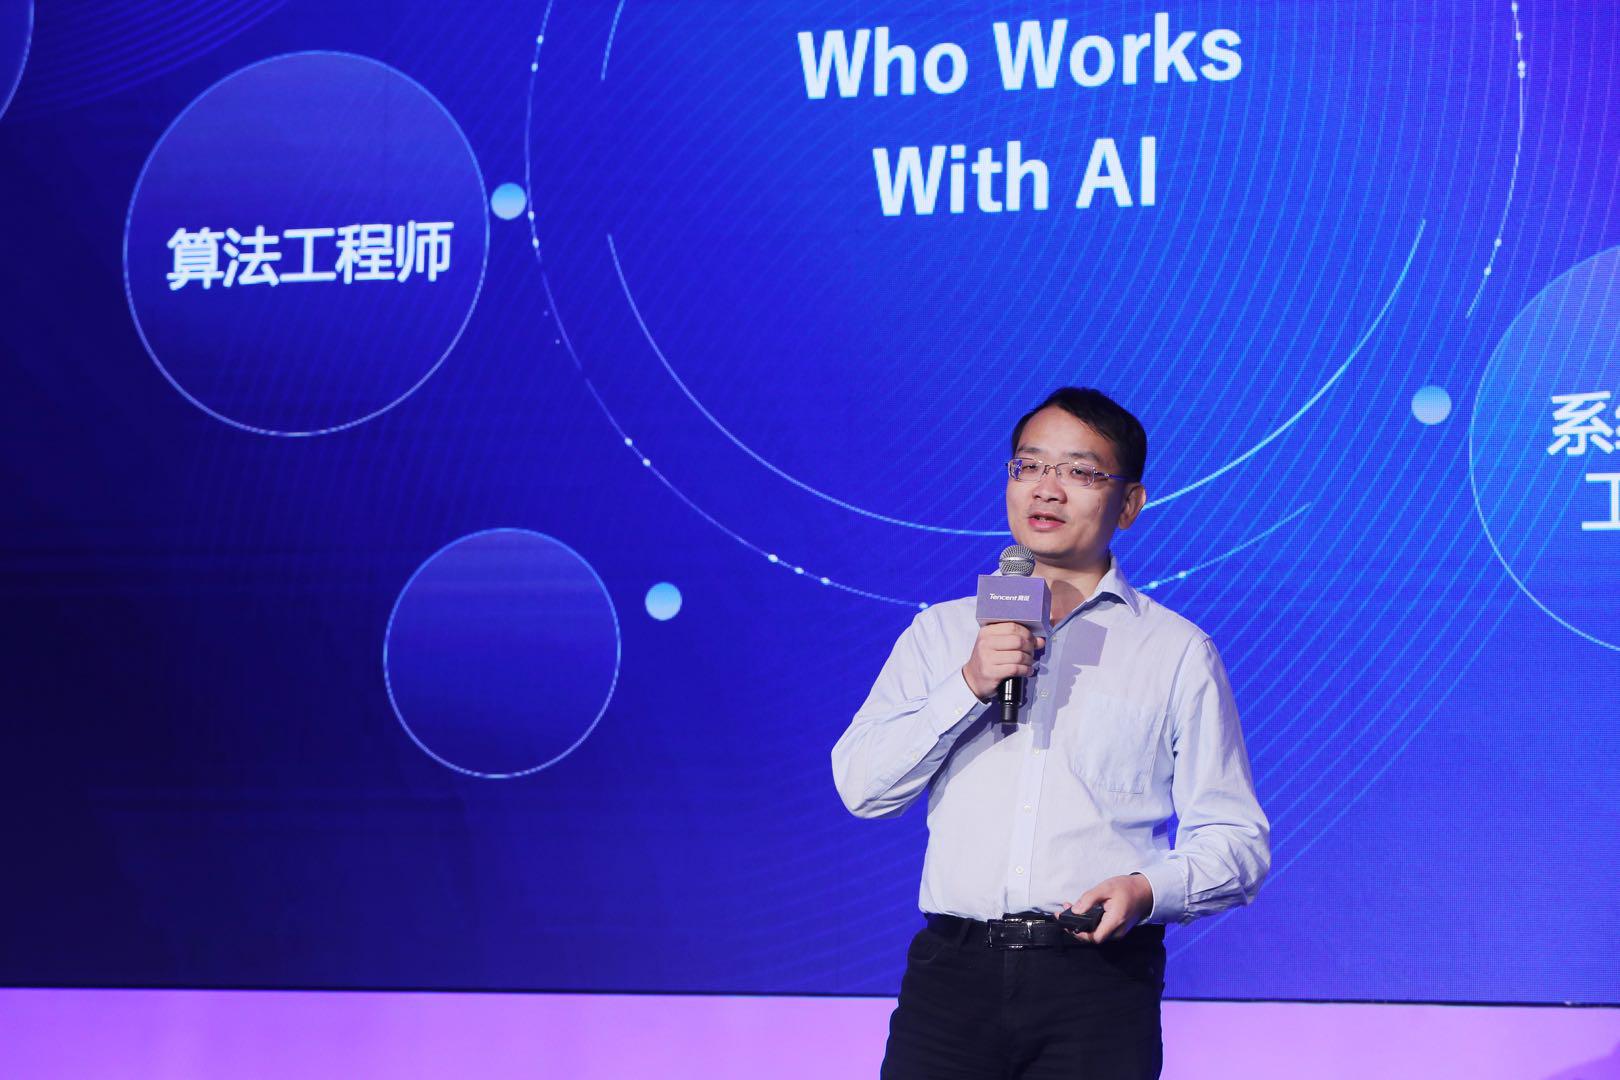 """腾讯云副总裁王龙:AI规模化落地进入""""深水区"""",需跨过两道门槛"""